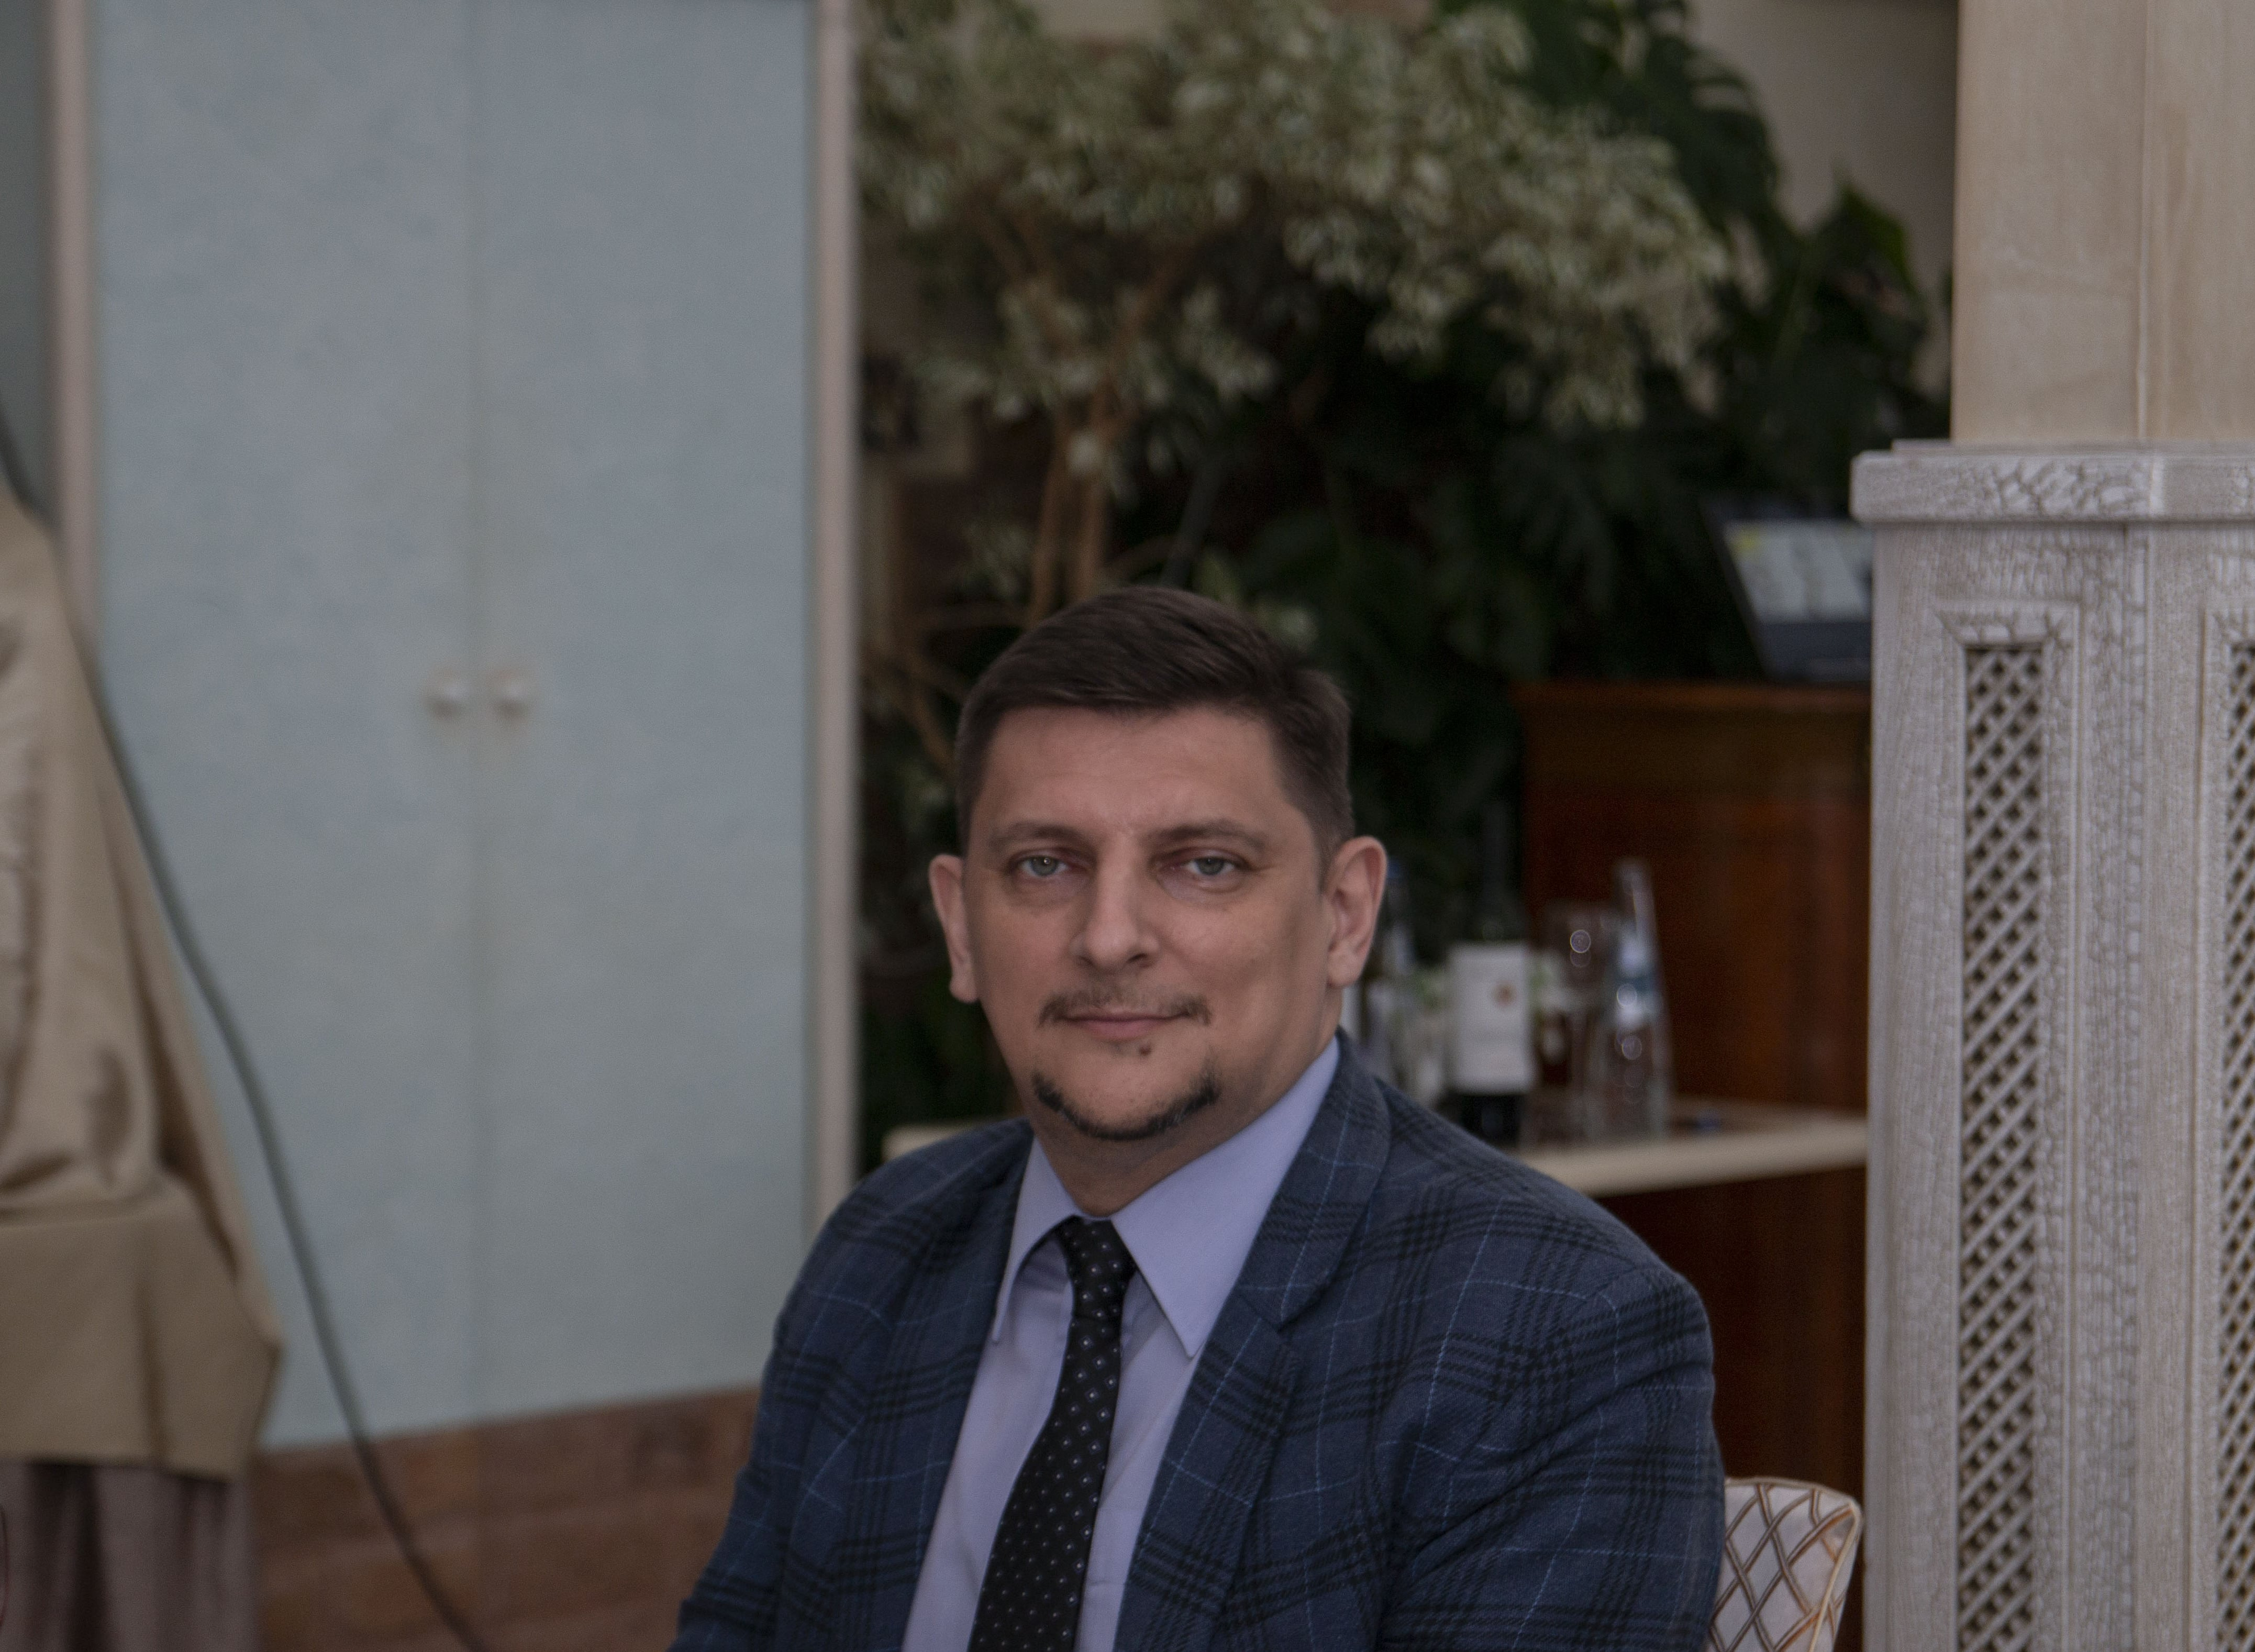 Эксперты конкурса оценили первые итоги заявочной кампании: мнение Алексея Конобеева